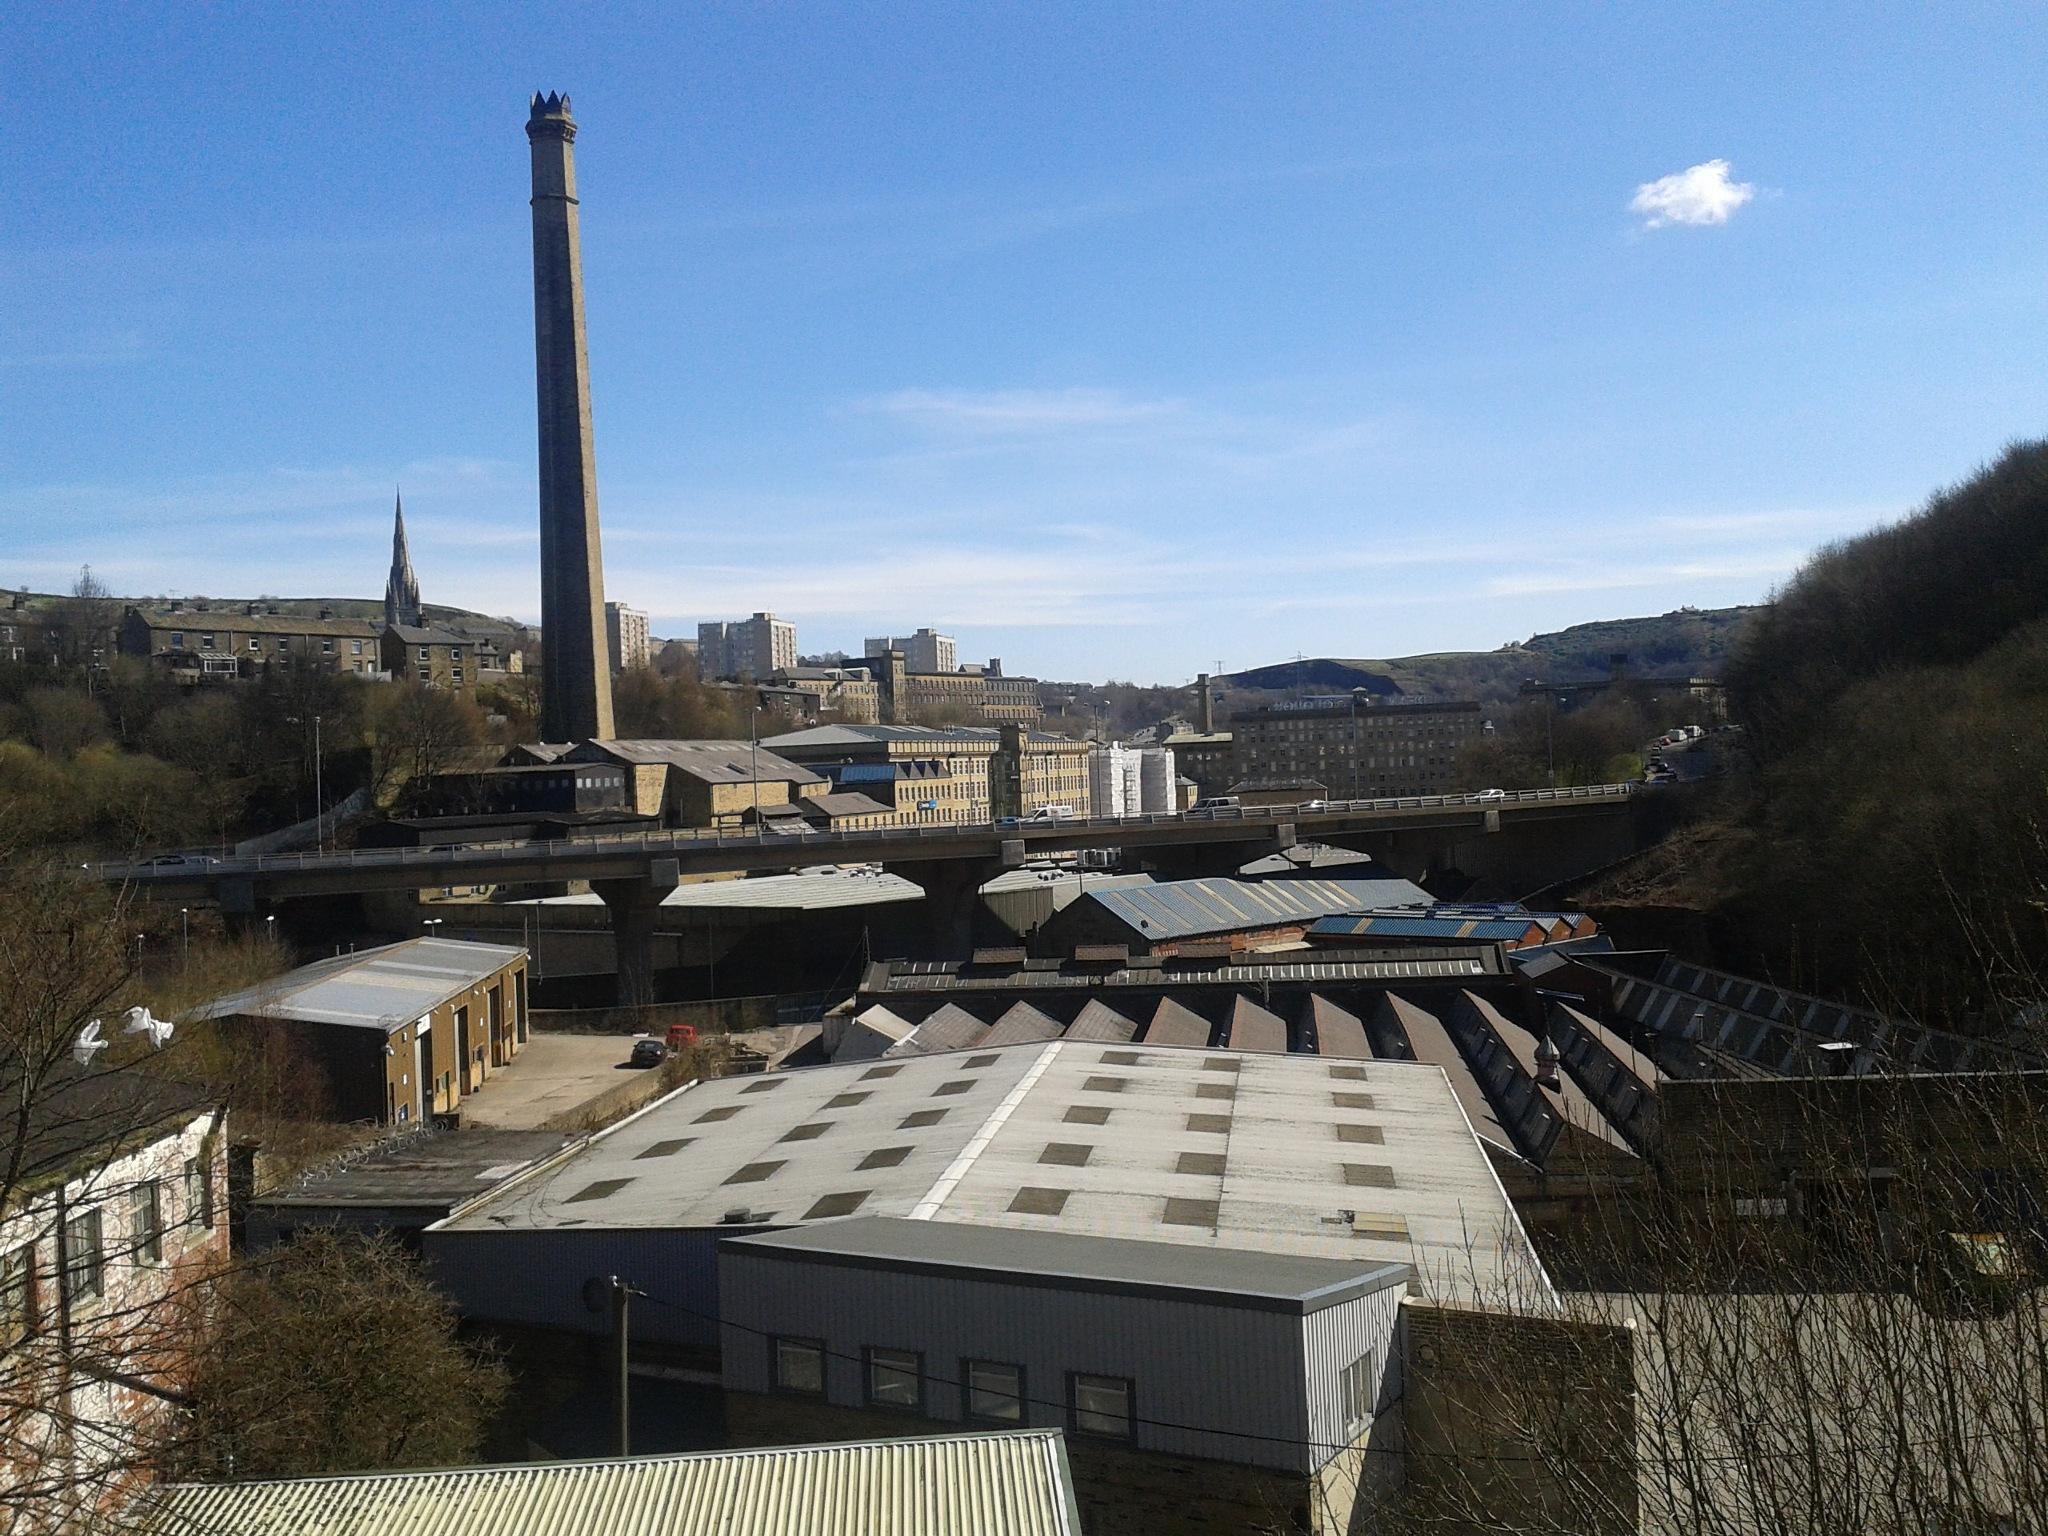 post industrial by rob.lloyd.3954